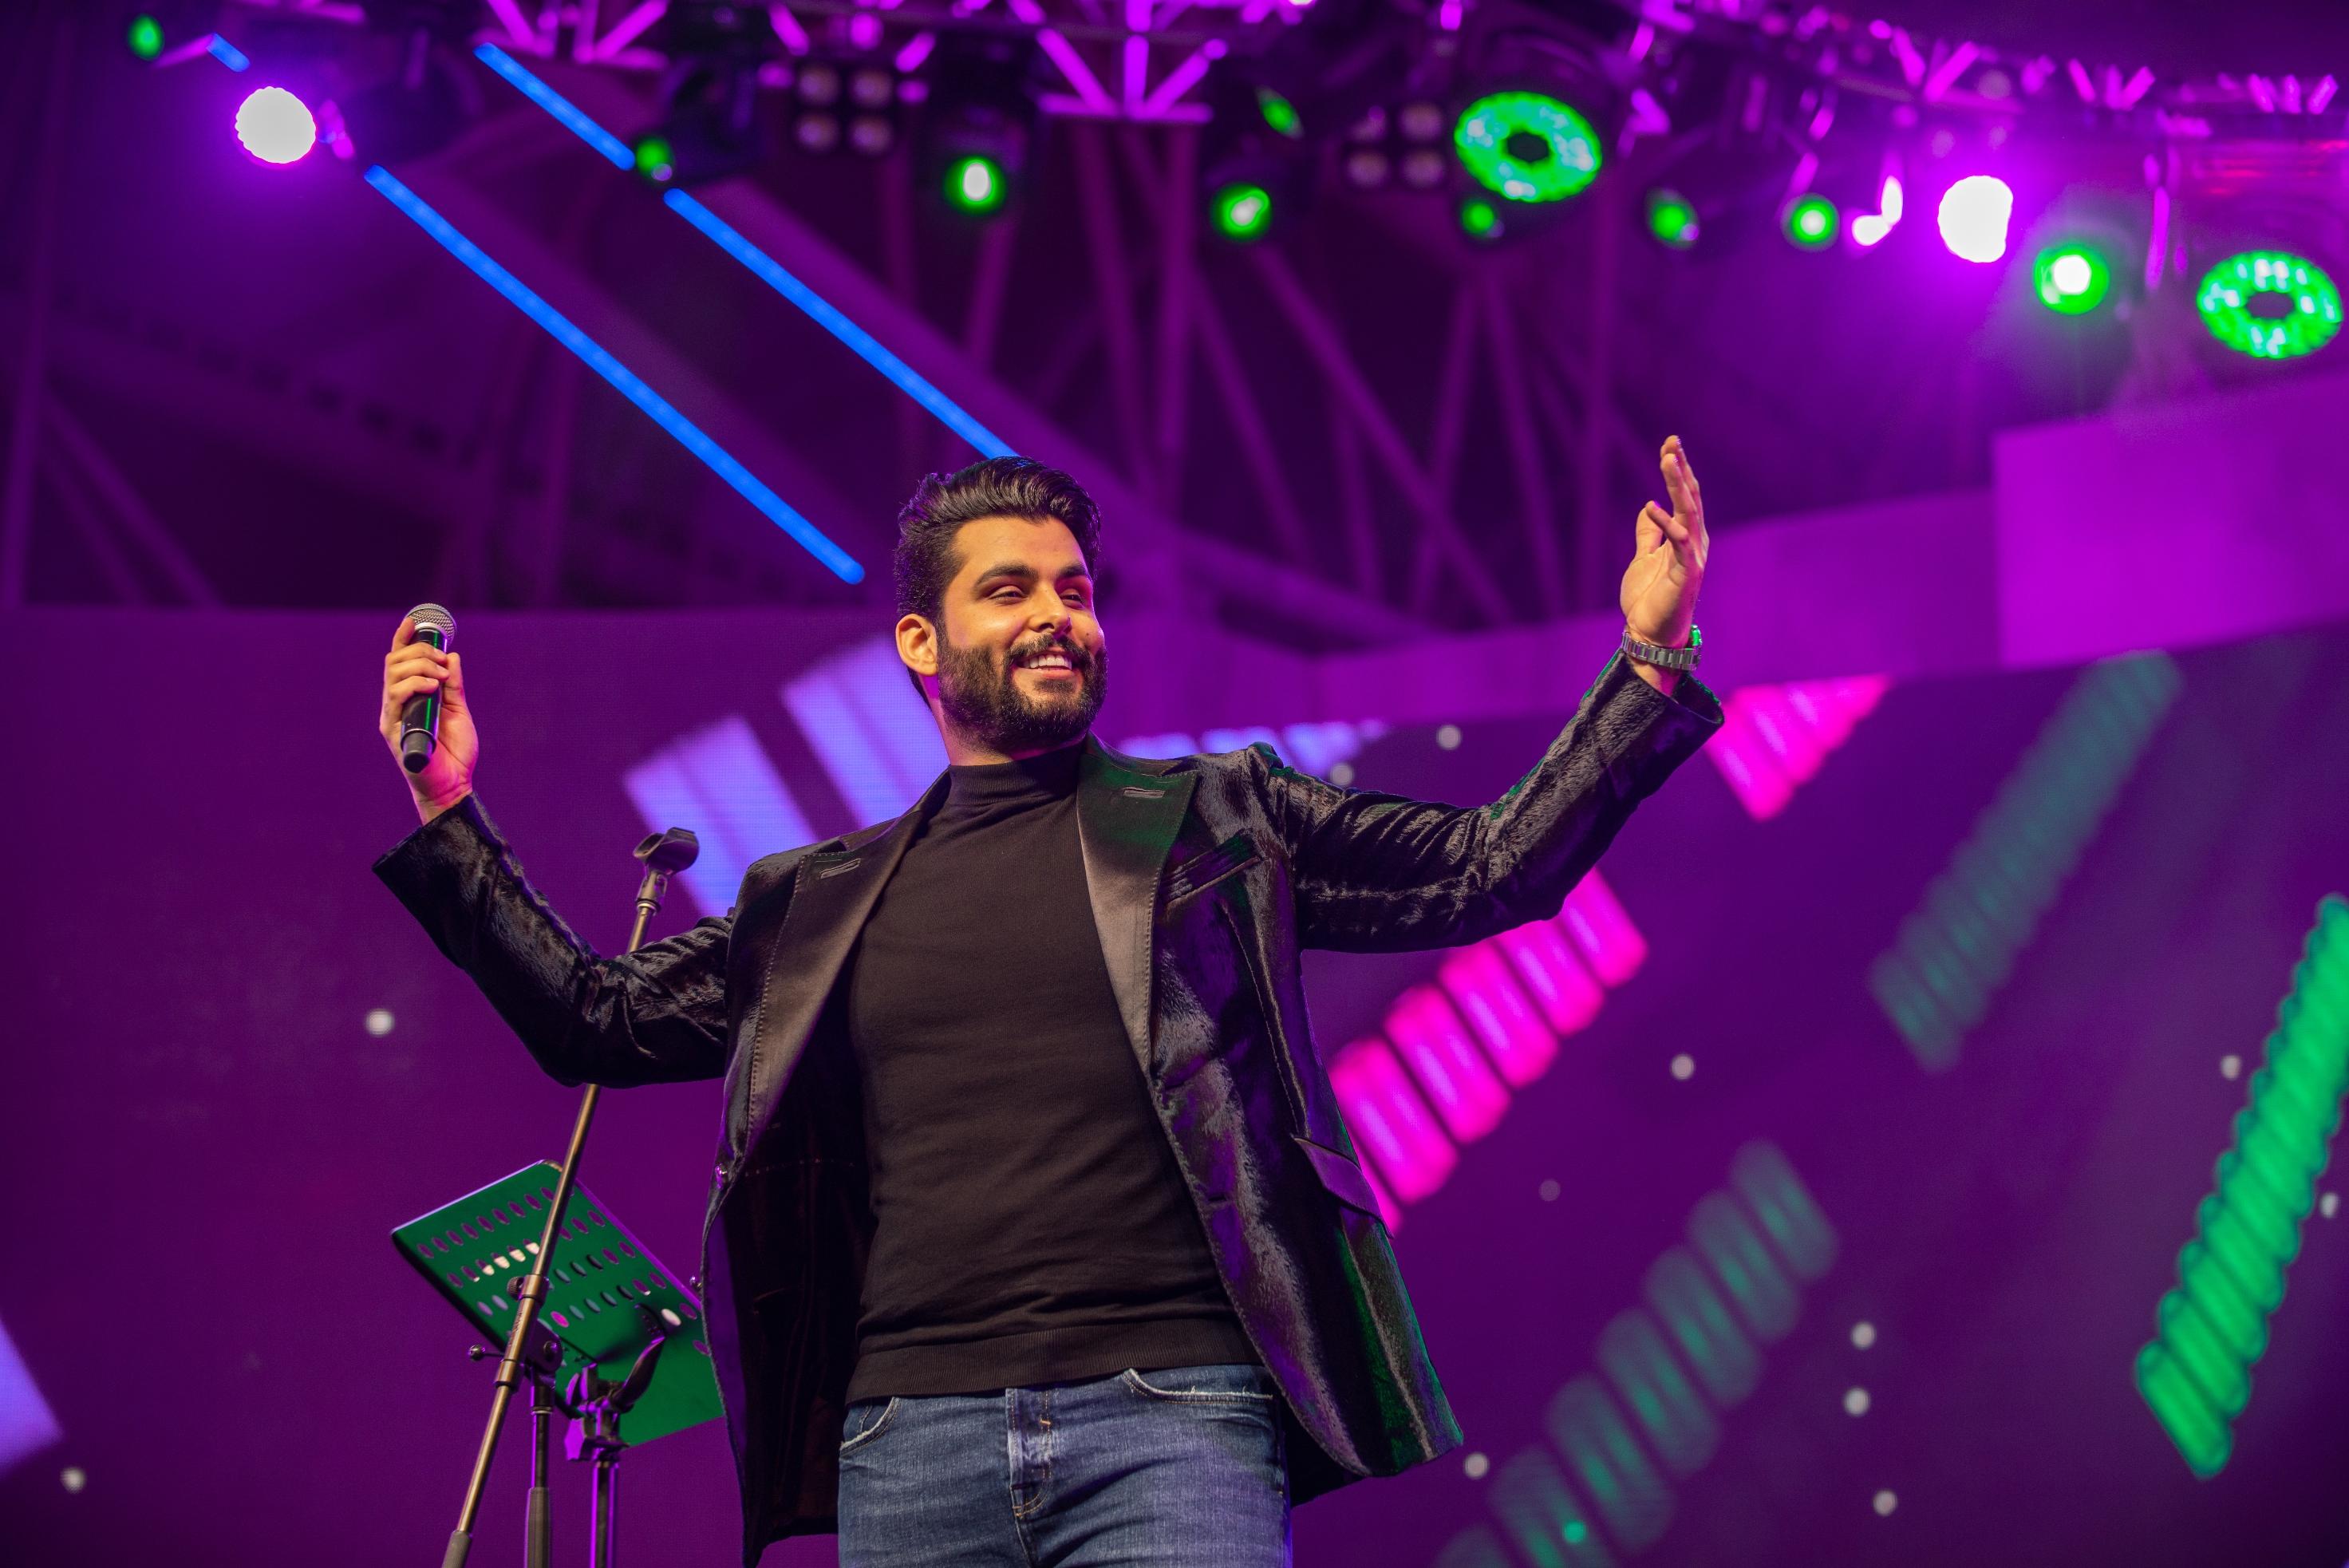 حفل إستثنائي للنجم الخليجي محمود التركي في القرية العالمية